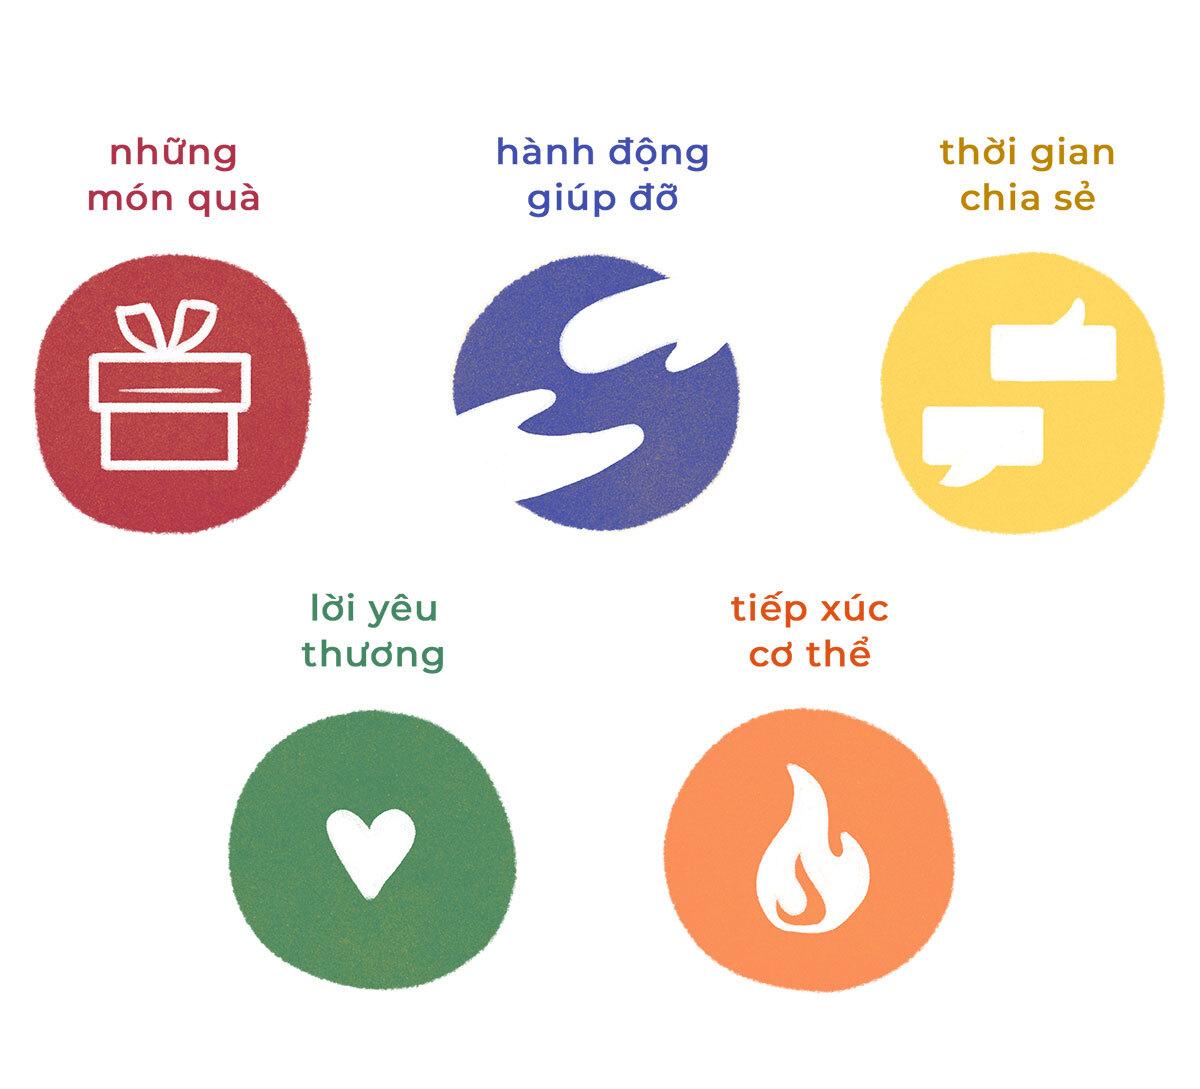 Ebook 5 ngôn ngữ tình yêu dành cho trẻ em